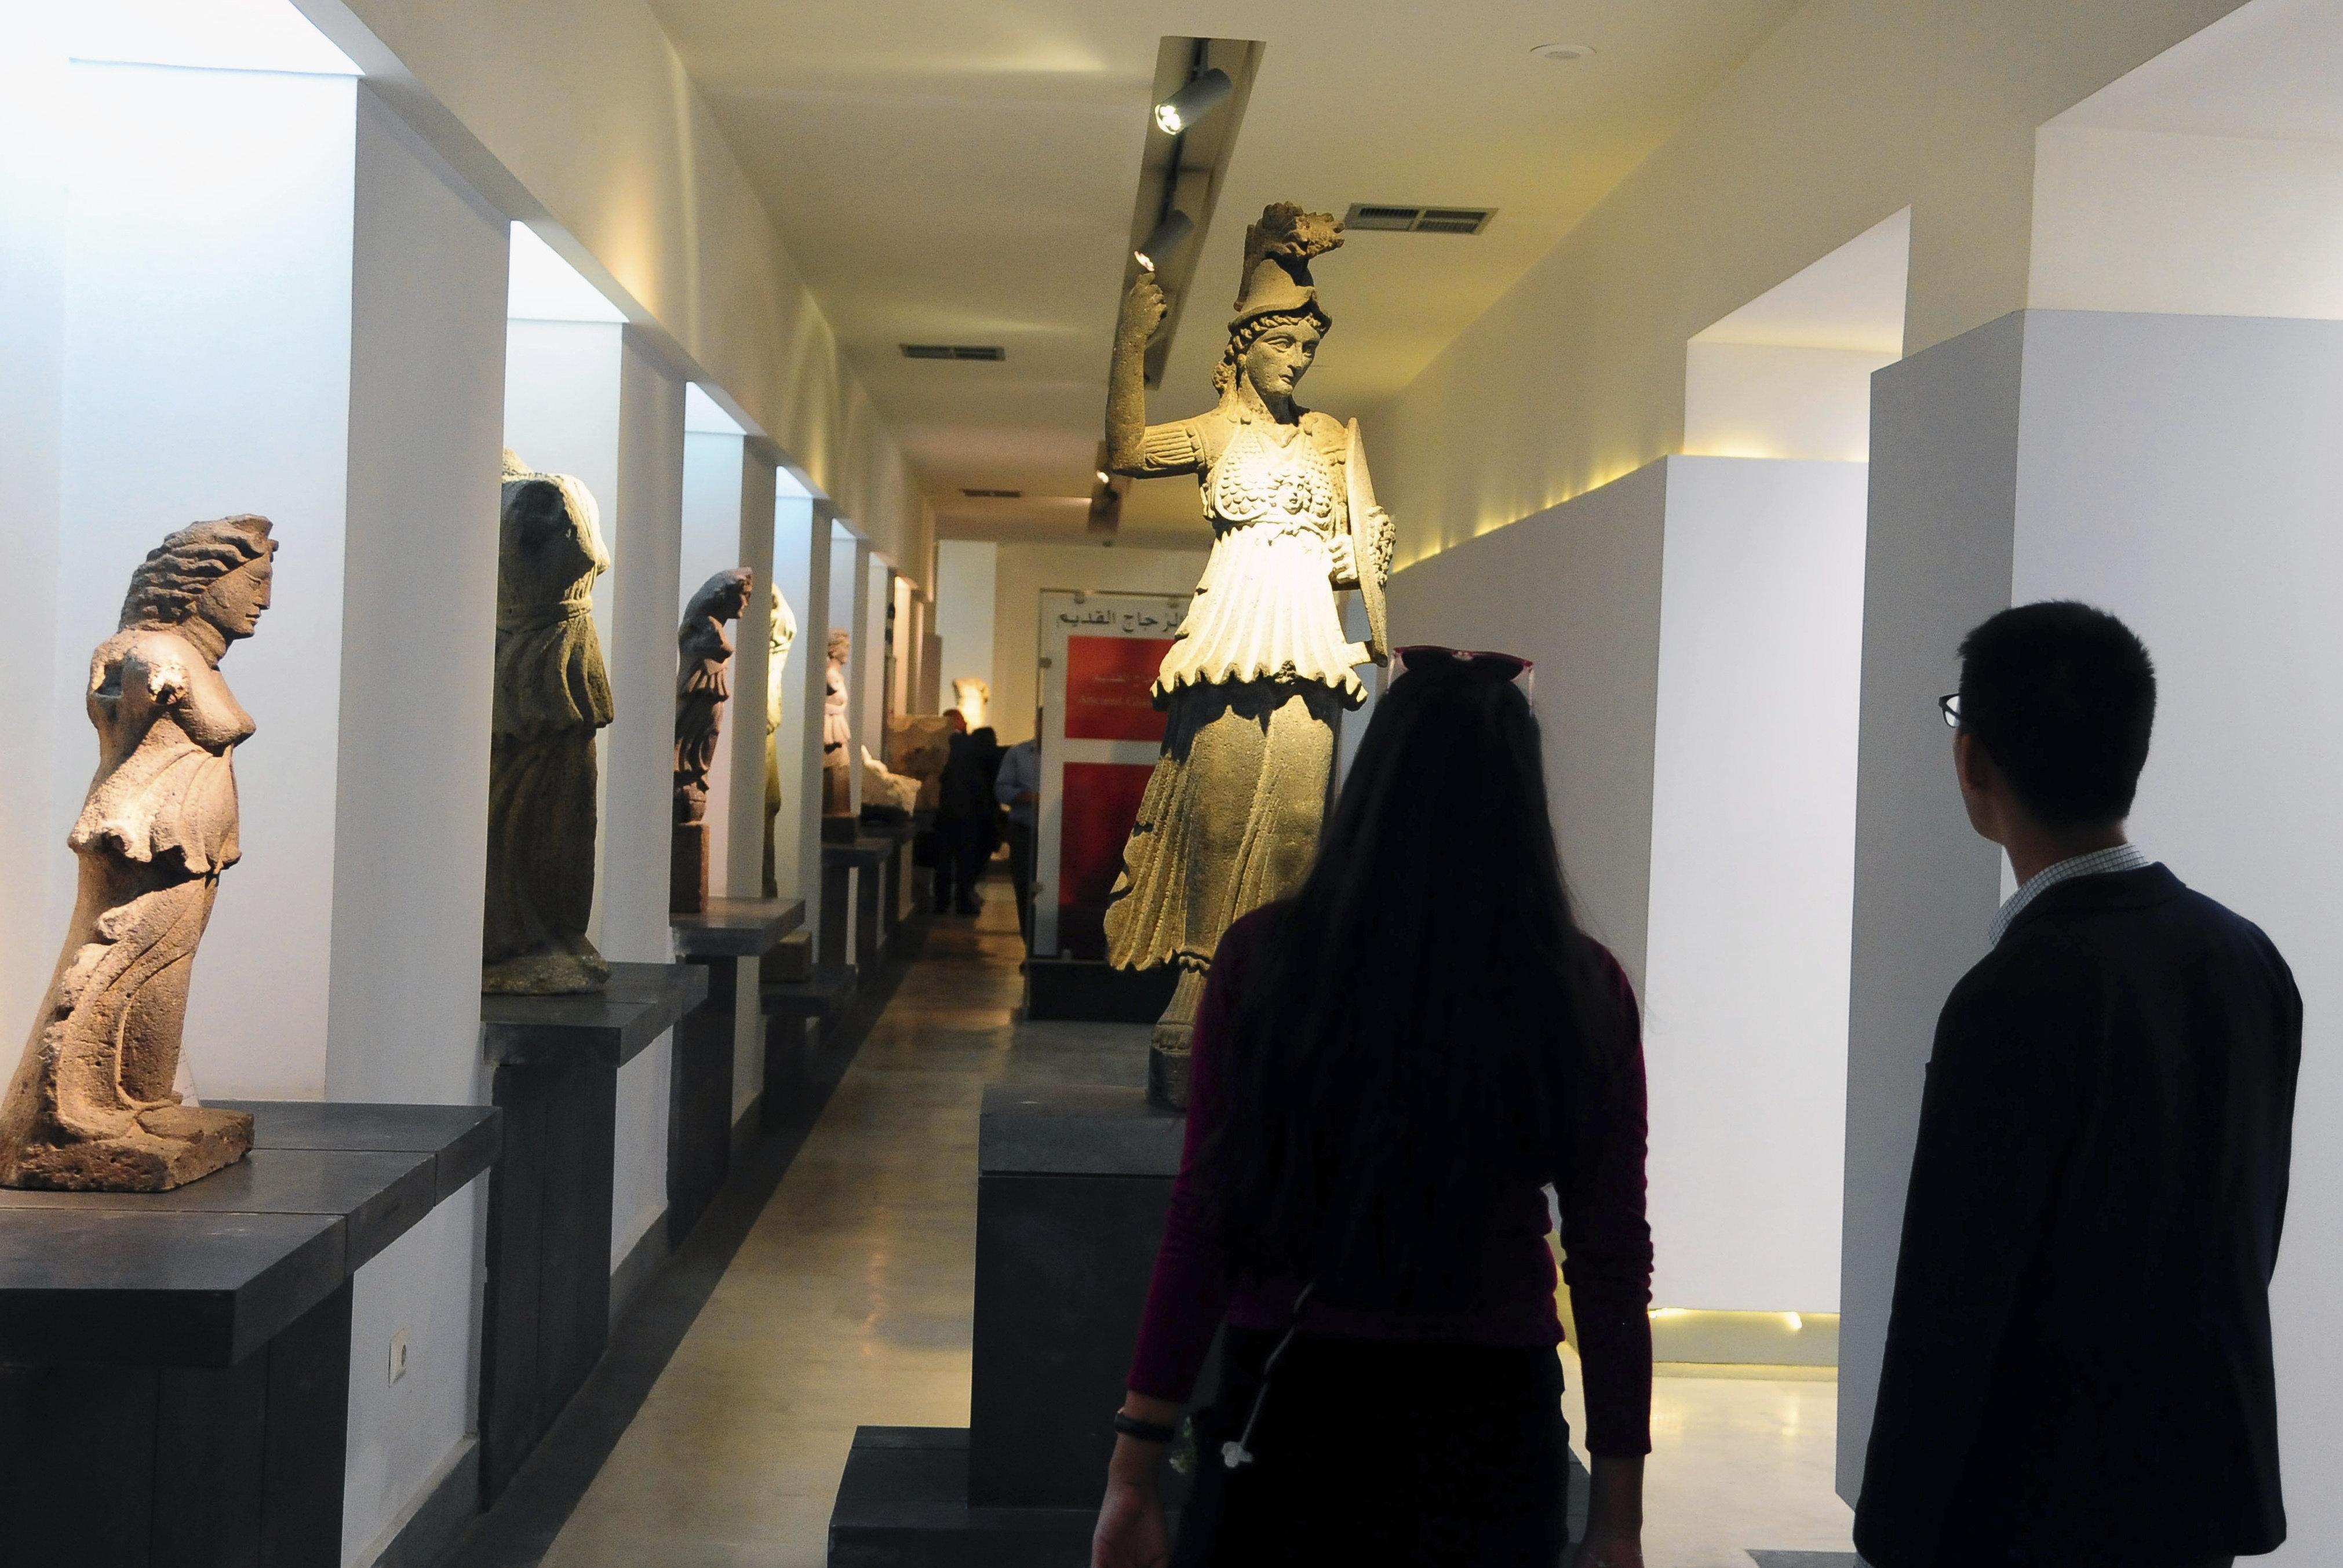 Άνοιξε για πρώτη φορά μετά από επτά χρόνια το Εθνικό Μουσείου της Συρίας με τις μοναδικές αρχαιότητες